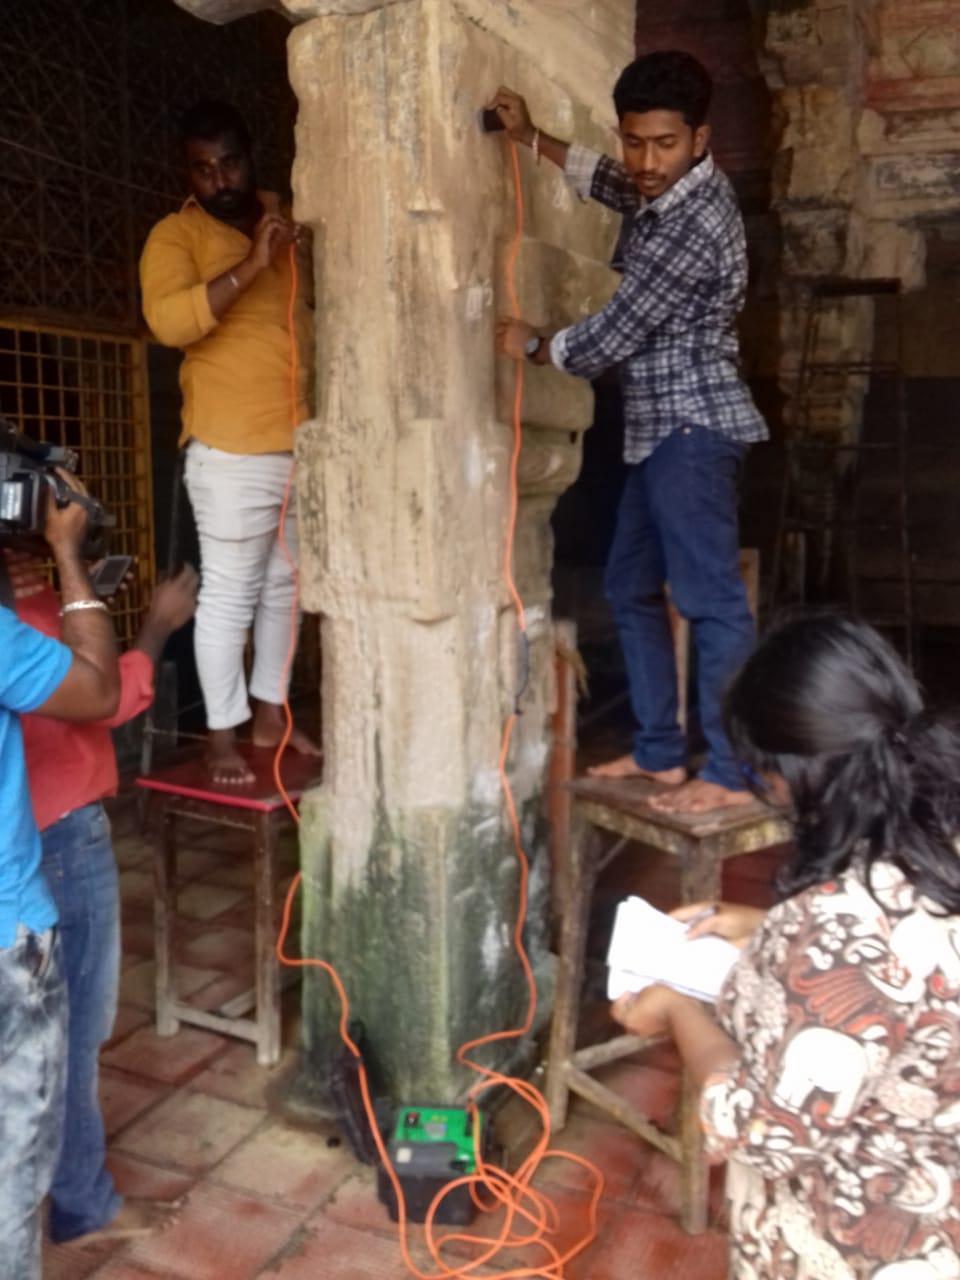 ராமேஸ்வரம் கோயிலில் ஐ.ஐ.டி ஆய்வு